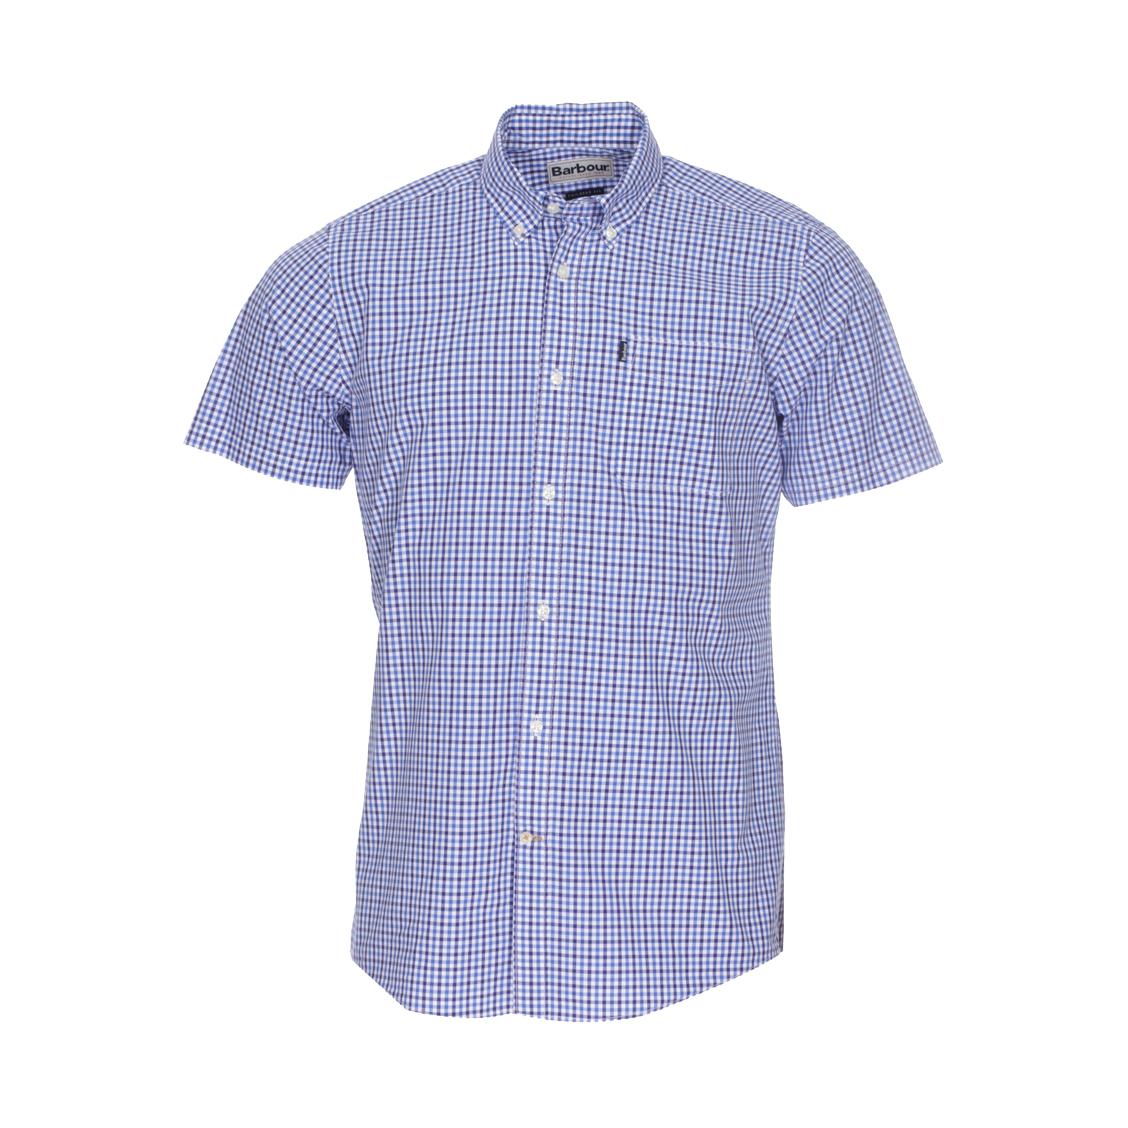 Chemise ajustée manches courtes Barbour en coton à carreaux bleus et blancs